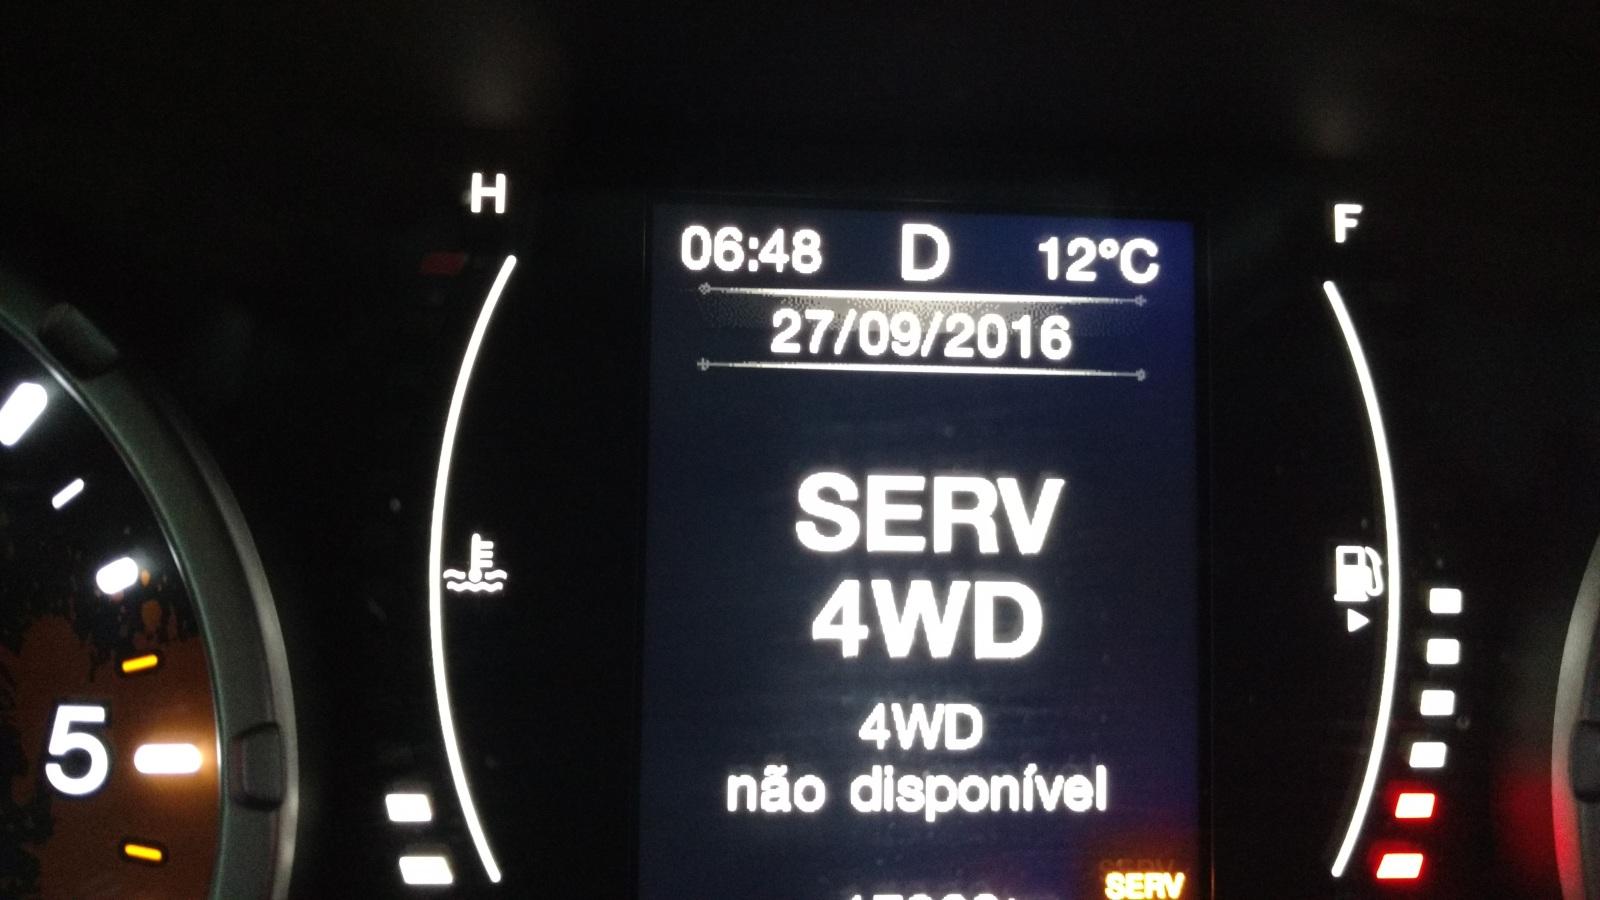 SERV 4WD INDISPONÍVEL - Página 2 34y8f0n